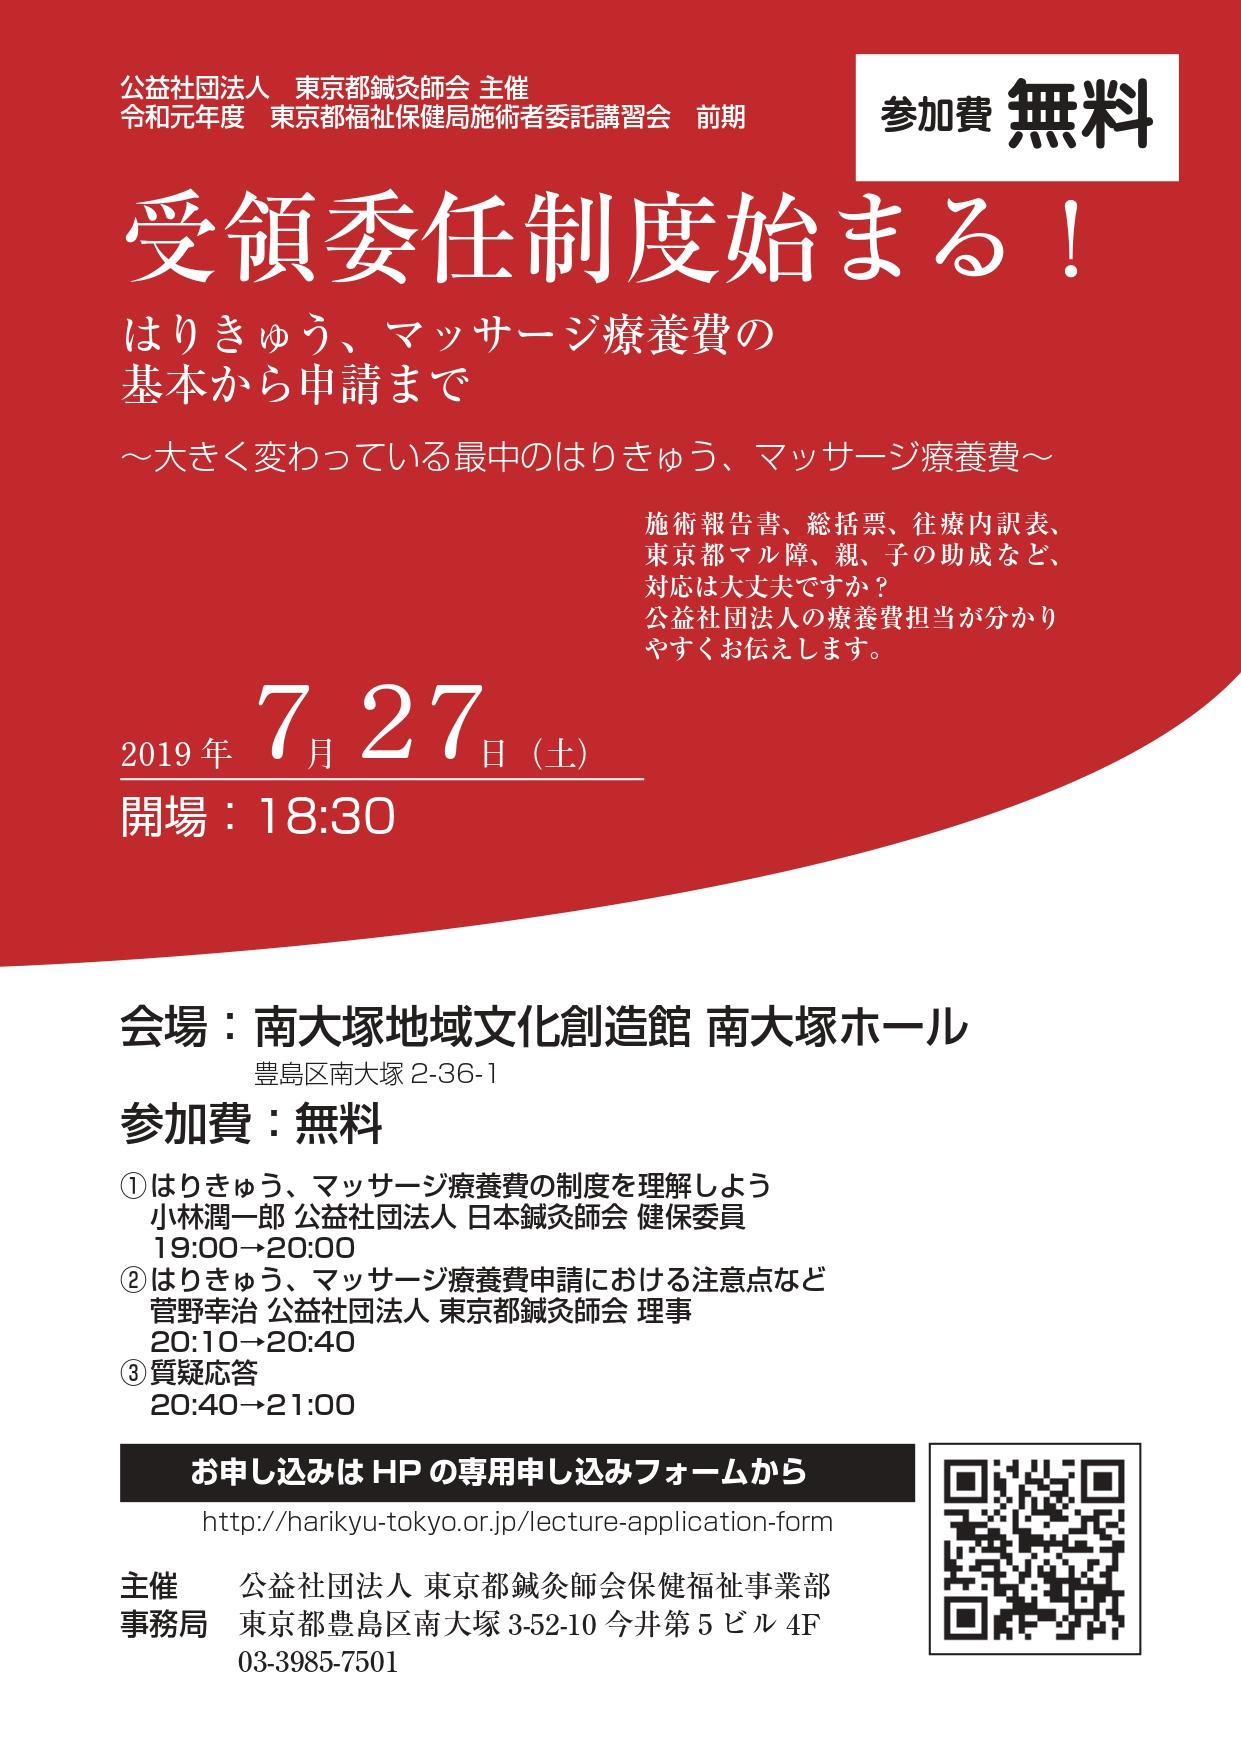 都委託講習会(療養費)チラシ_page-0001 (1)